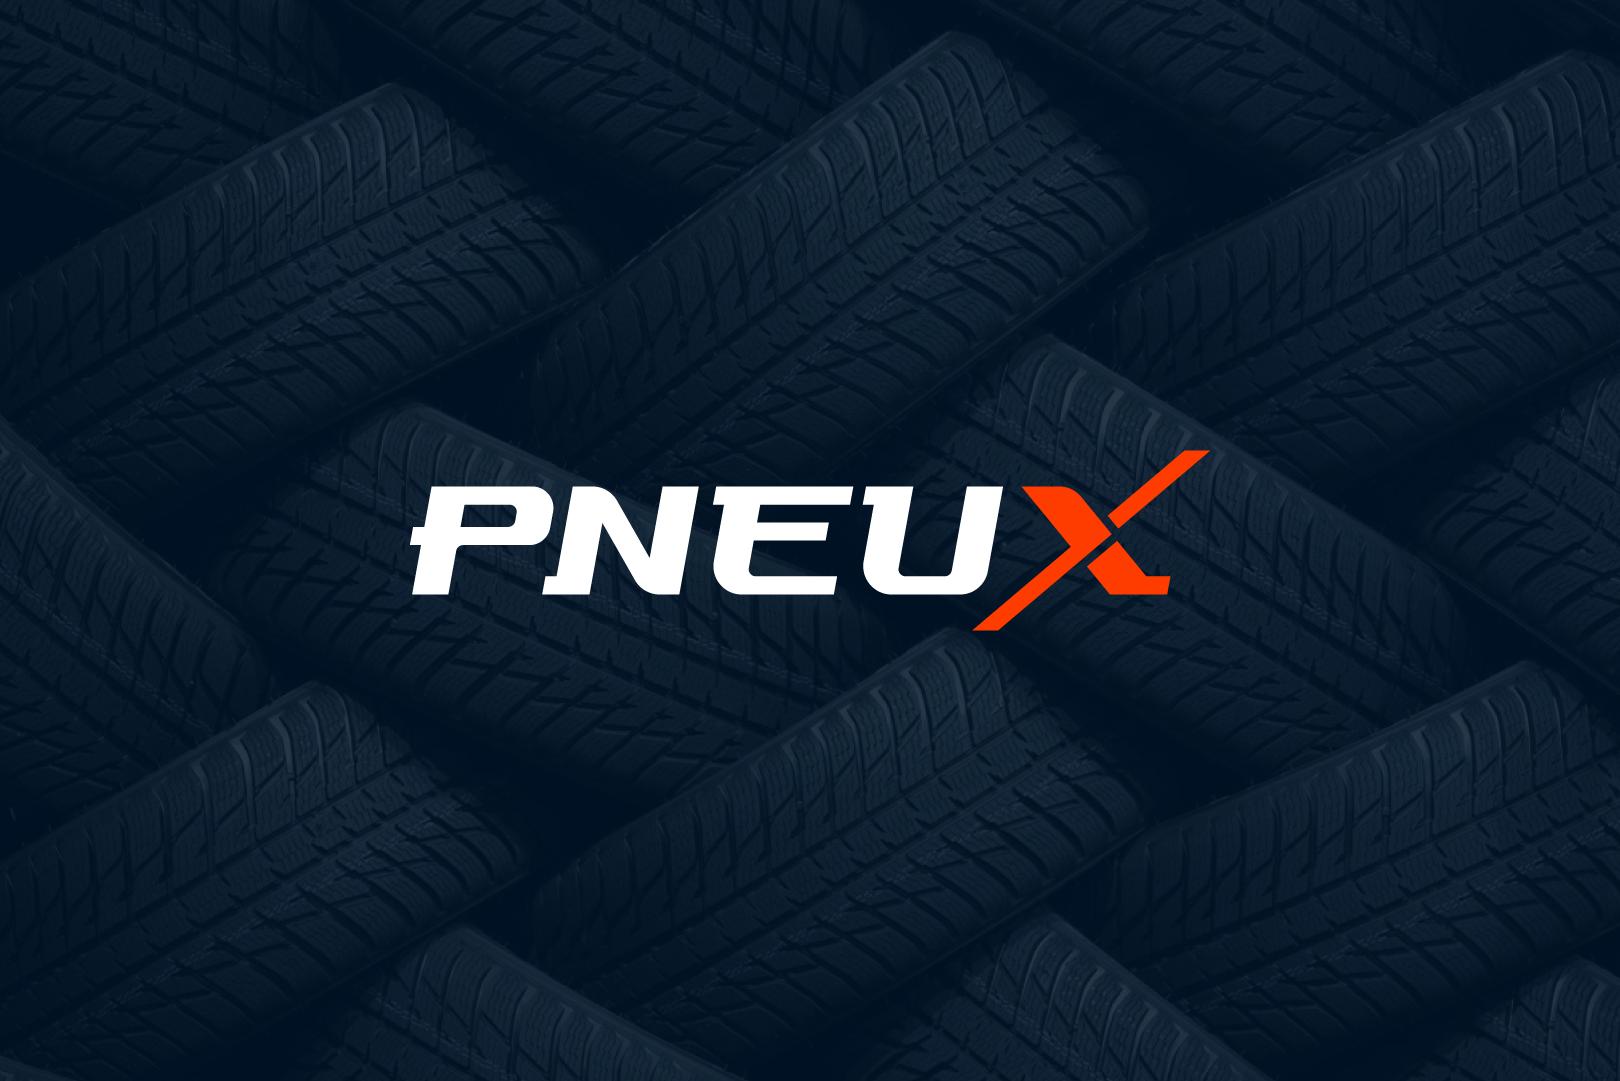 Pneux 01